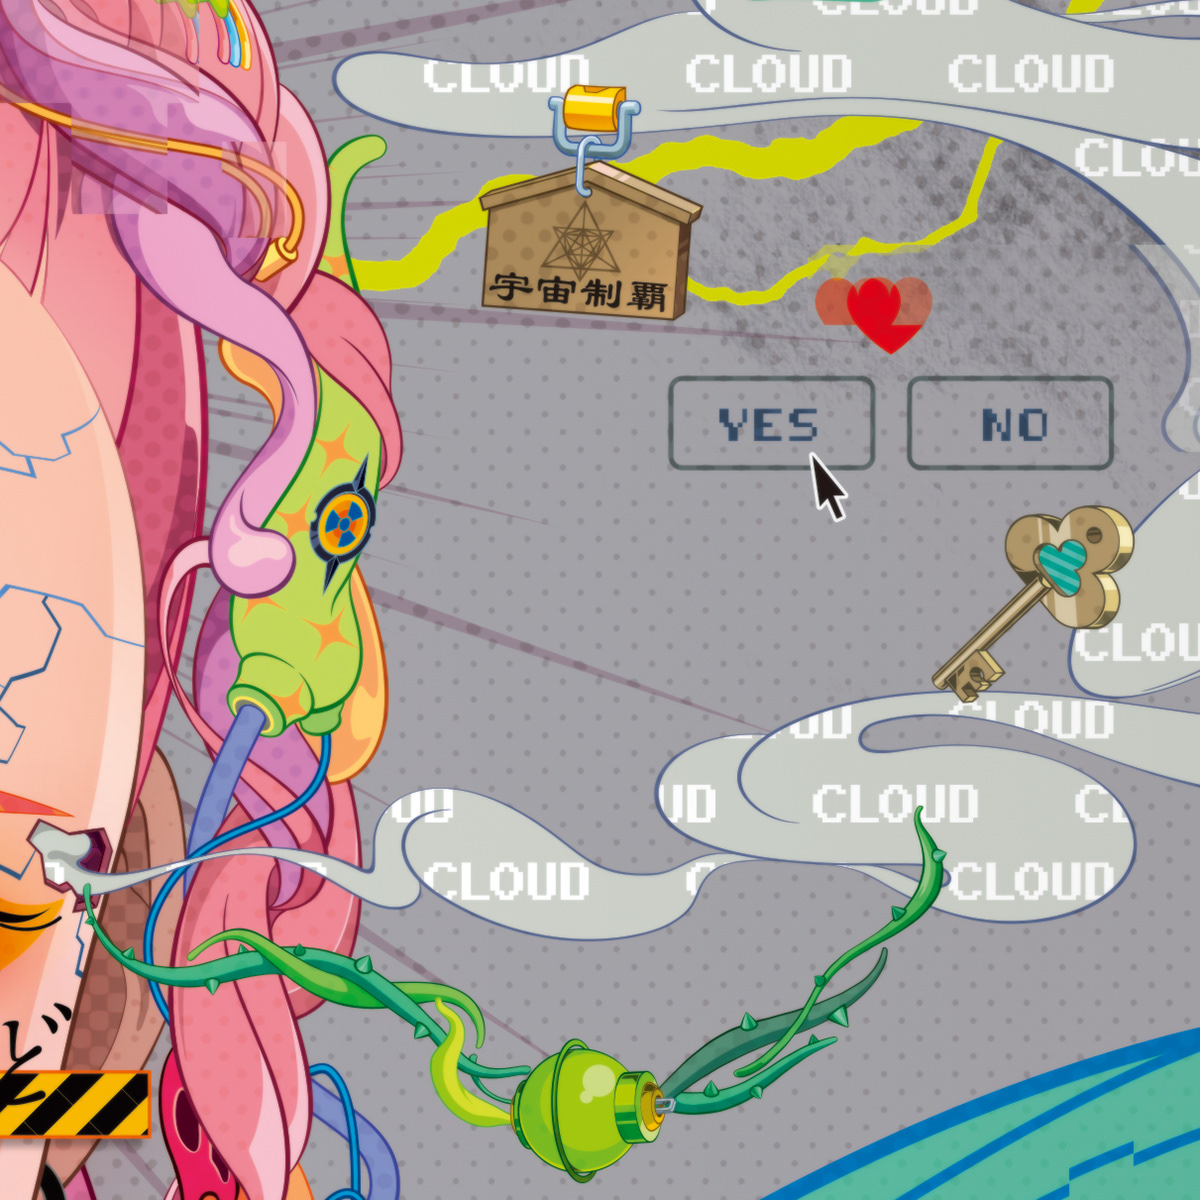 Image may contain: map and screenshot